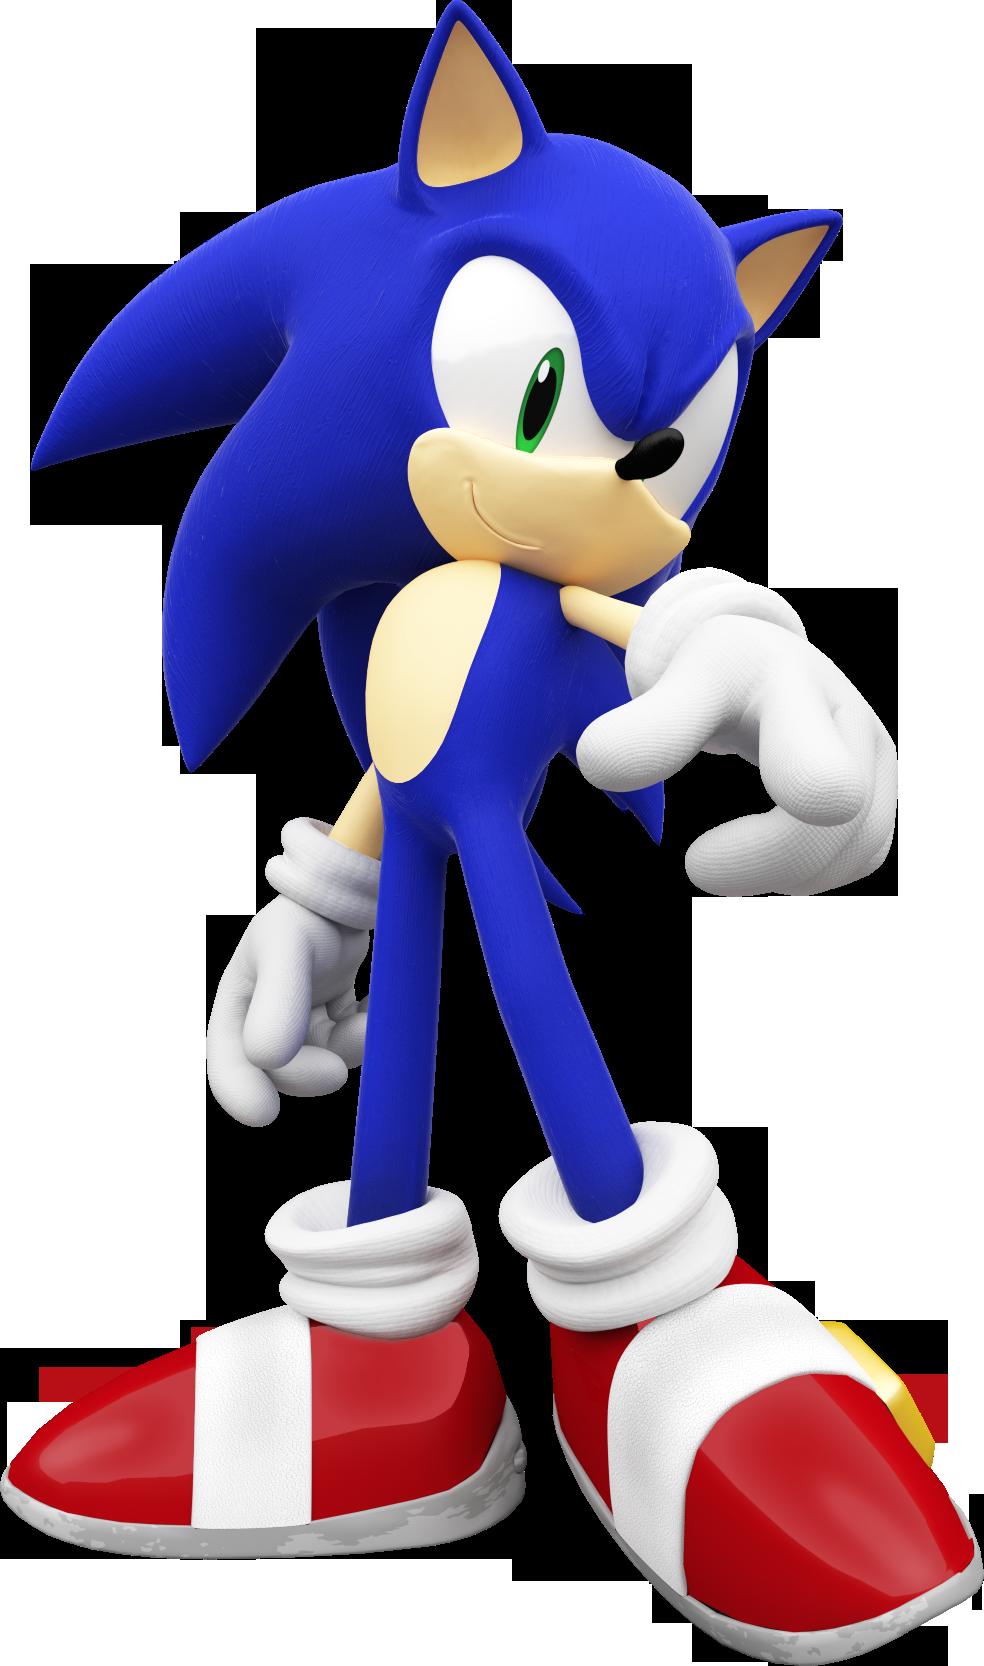 ソニック・ザ・ヘッジホッグ Sonikku za Hejjihoggu (Sonic)